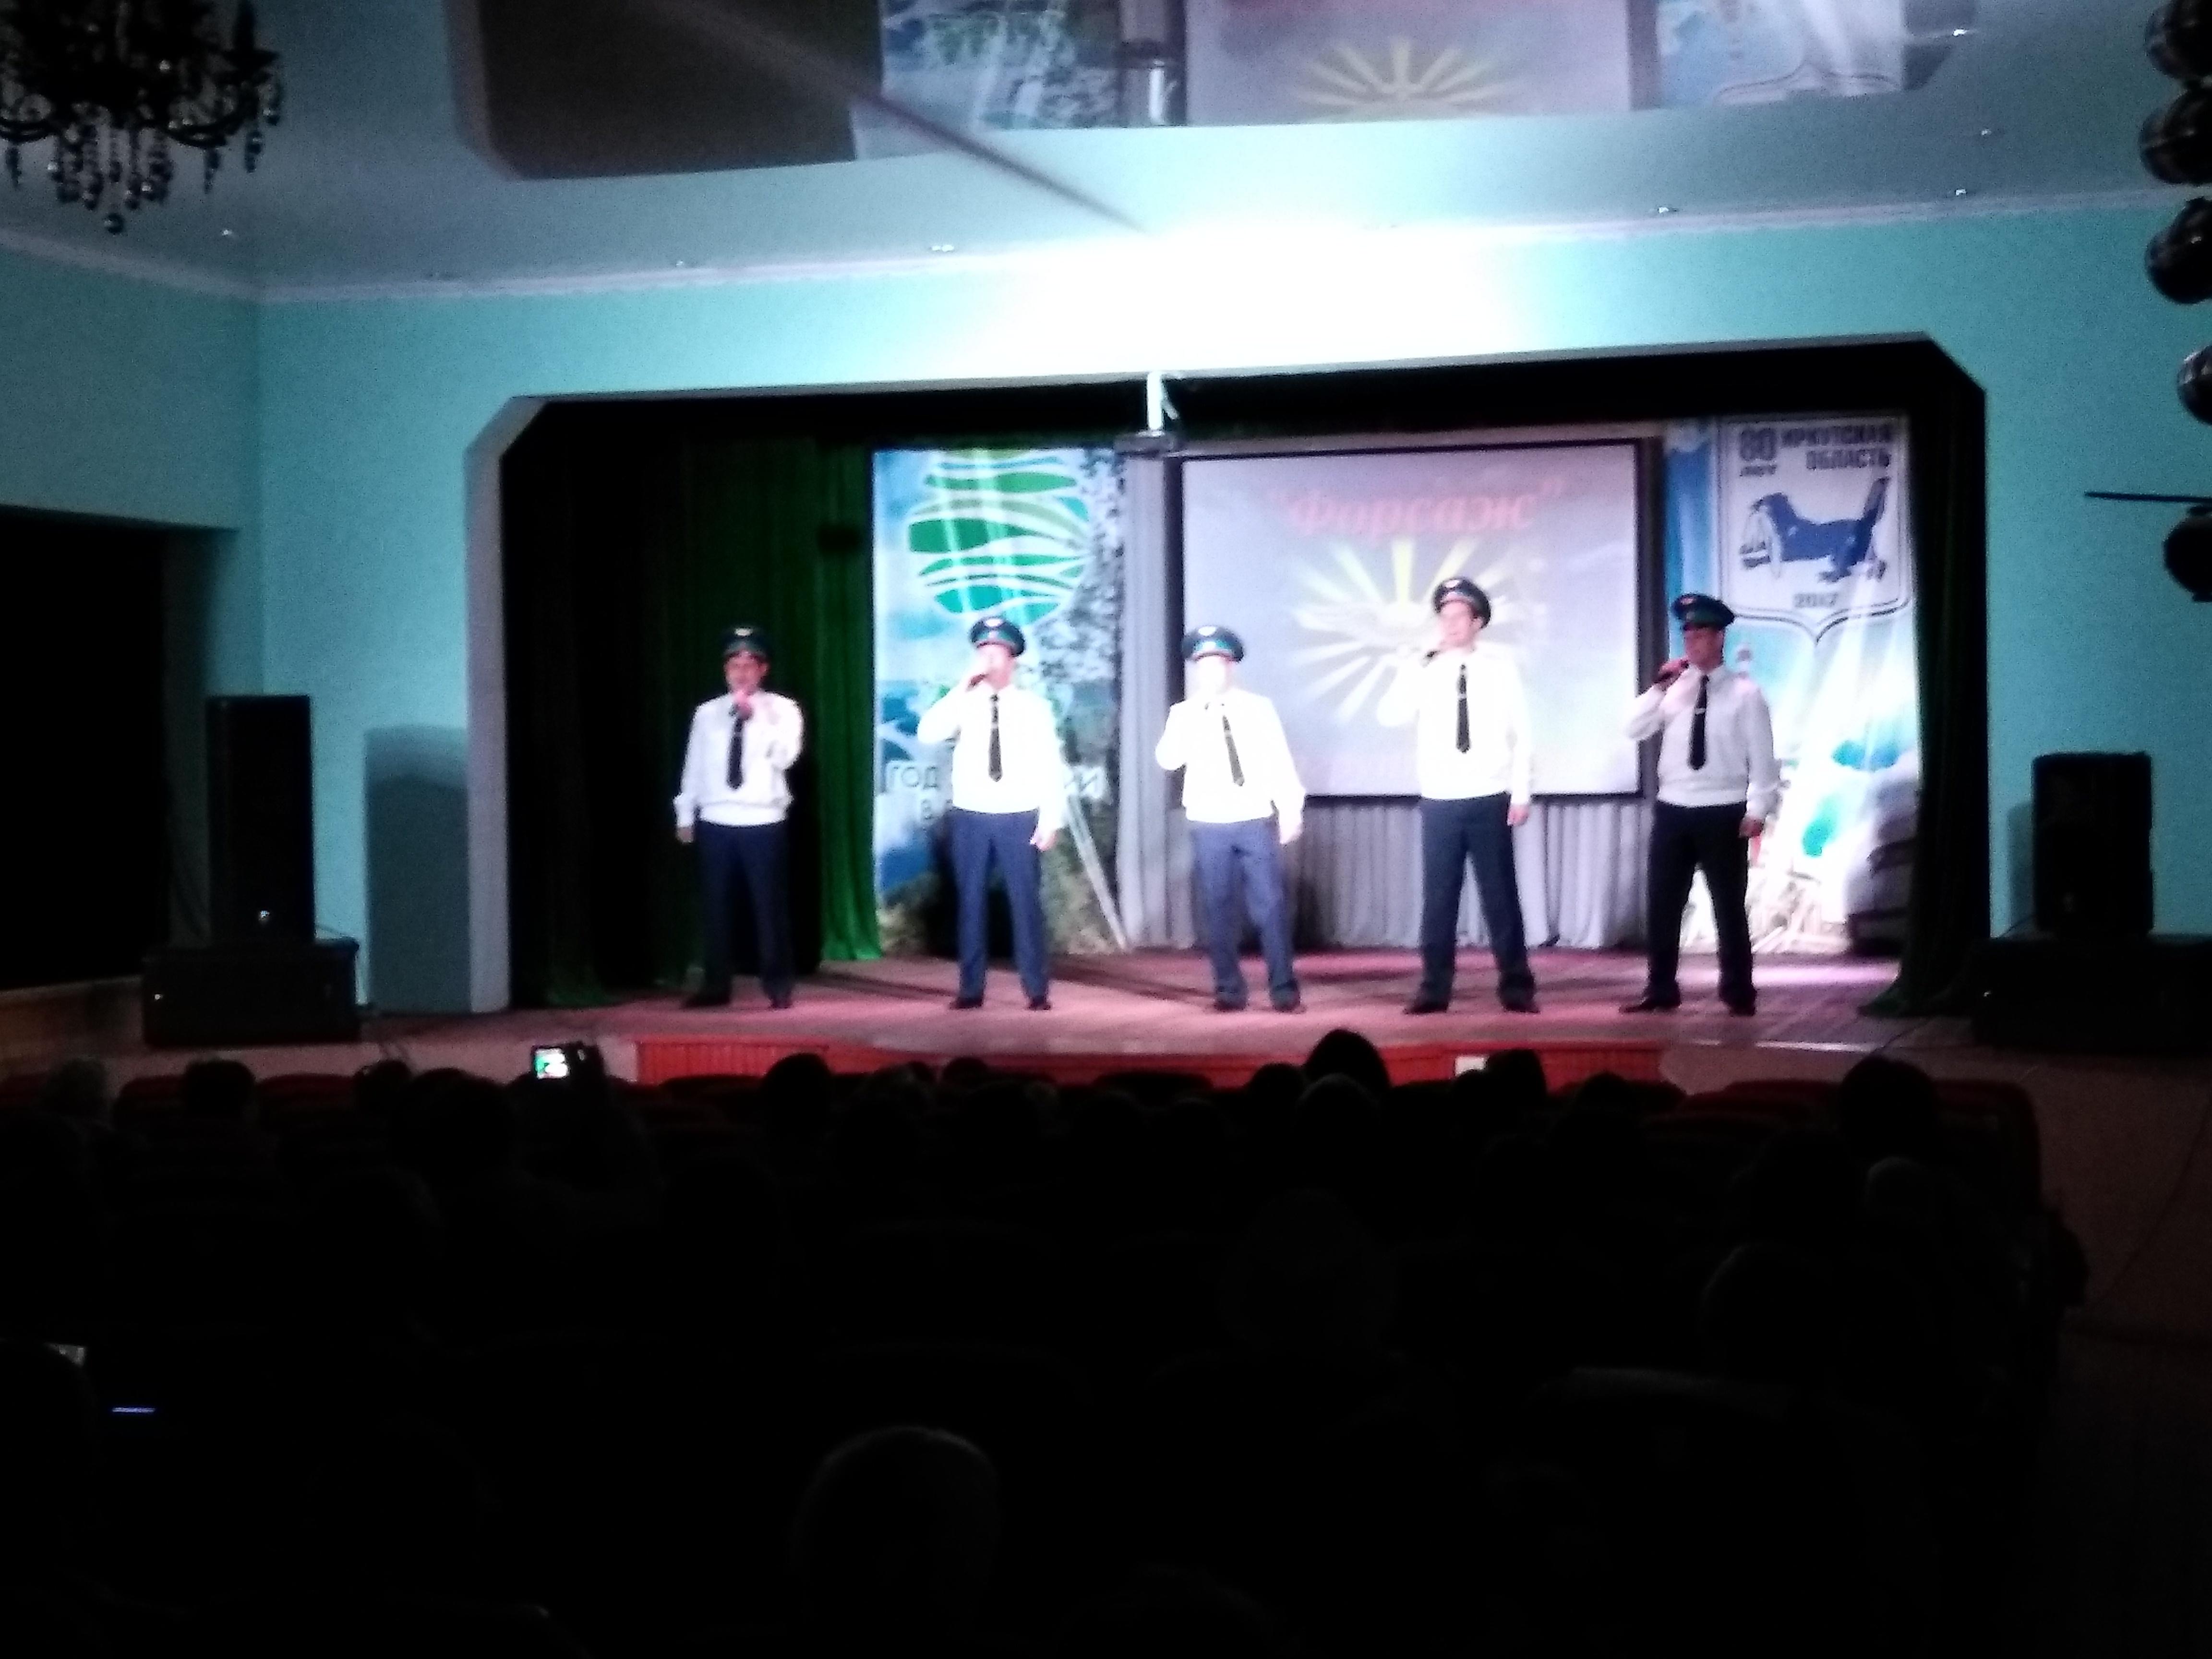 В рамках празднования 80-летия Иркутской области в межпоселенческом ДК прошел праздничный концерт